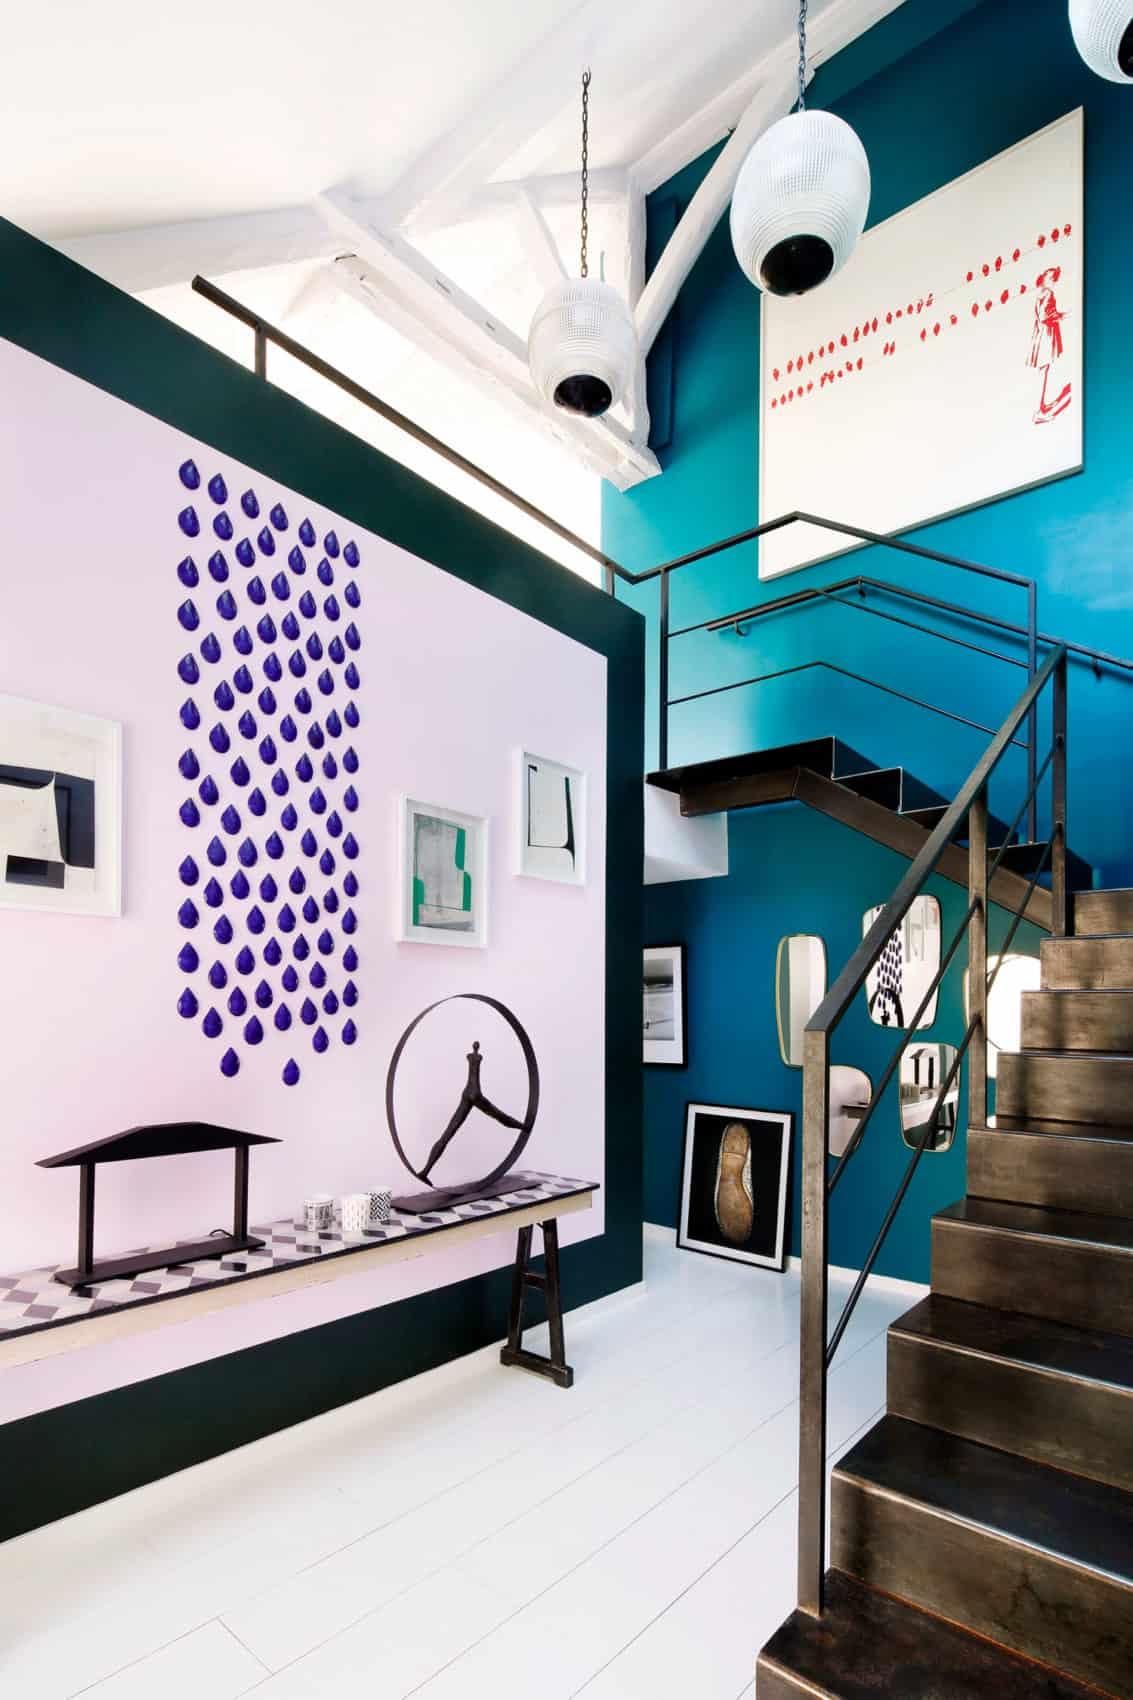 Duplex Parisien by Sarah Lavoine (17)